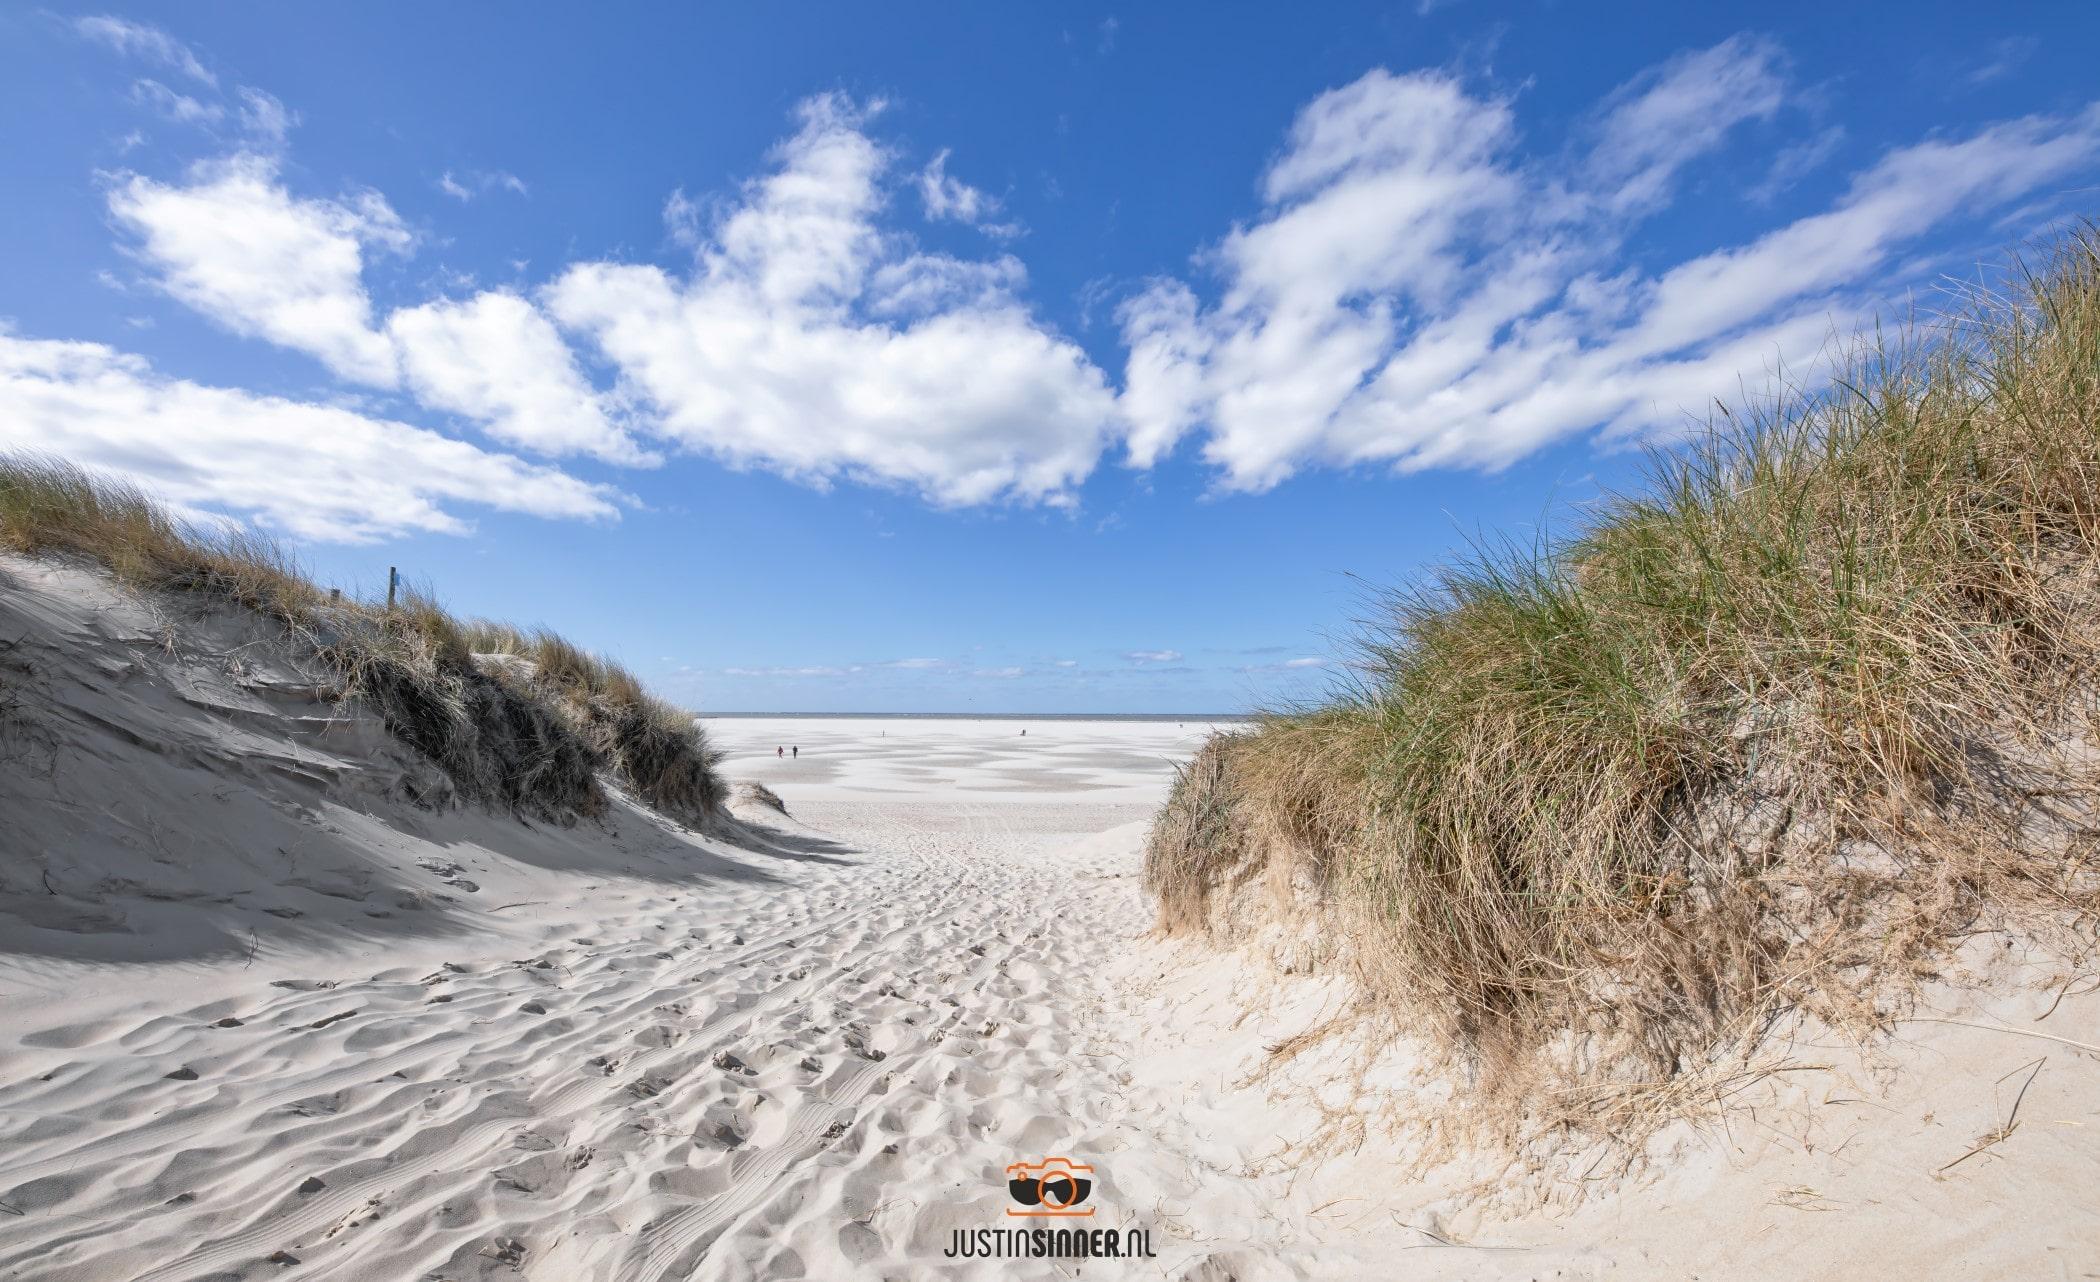 Strandopgang Texel / Beach entrance